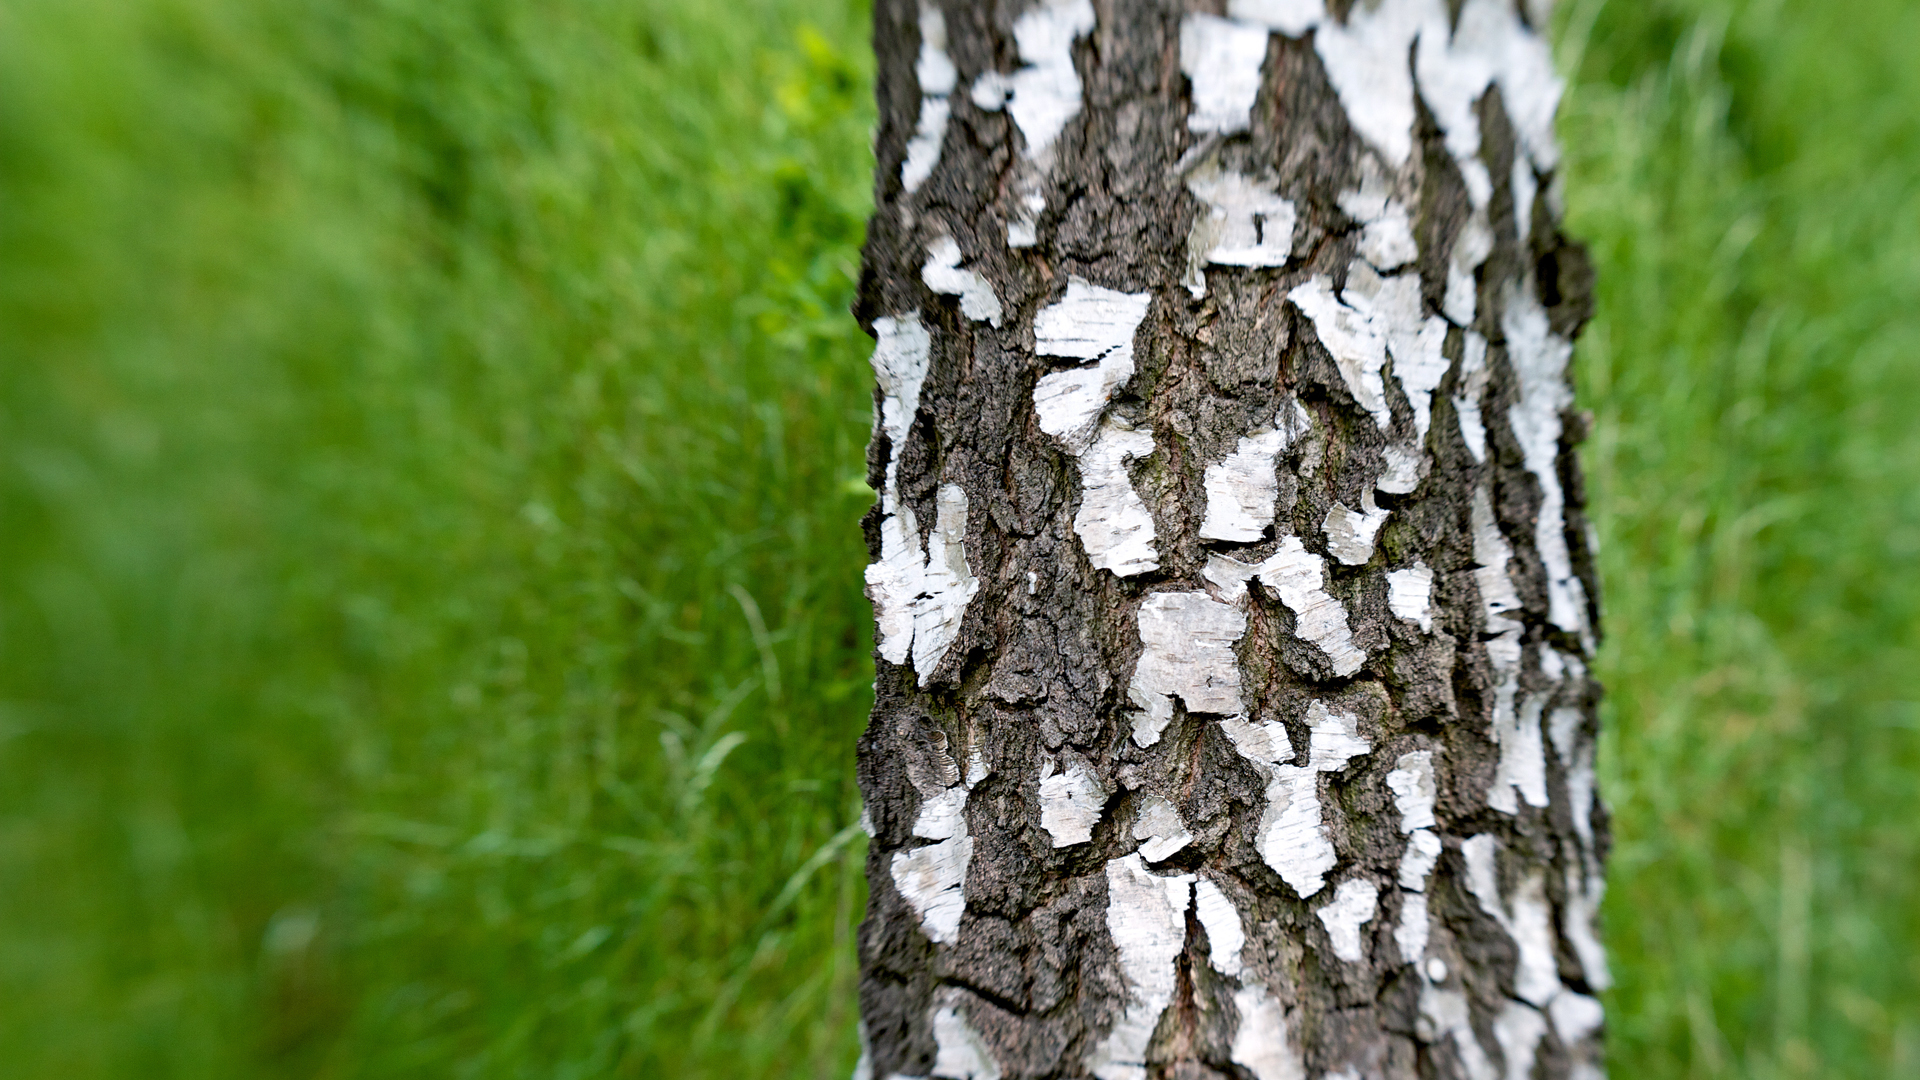 Дерево береза повислая (бородавчатая или пушистая)- фото и описание, характеристики плодов, листьев, бересты и ствола